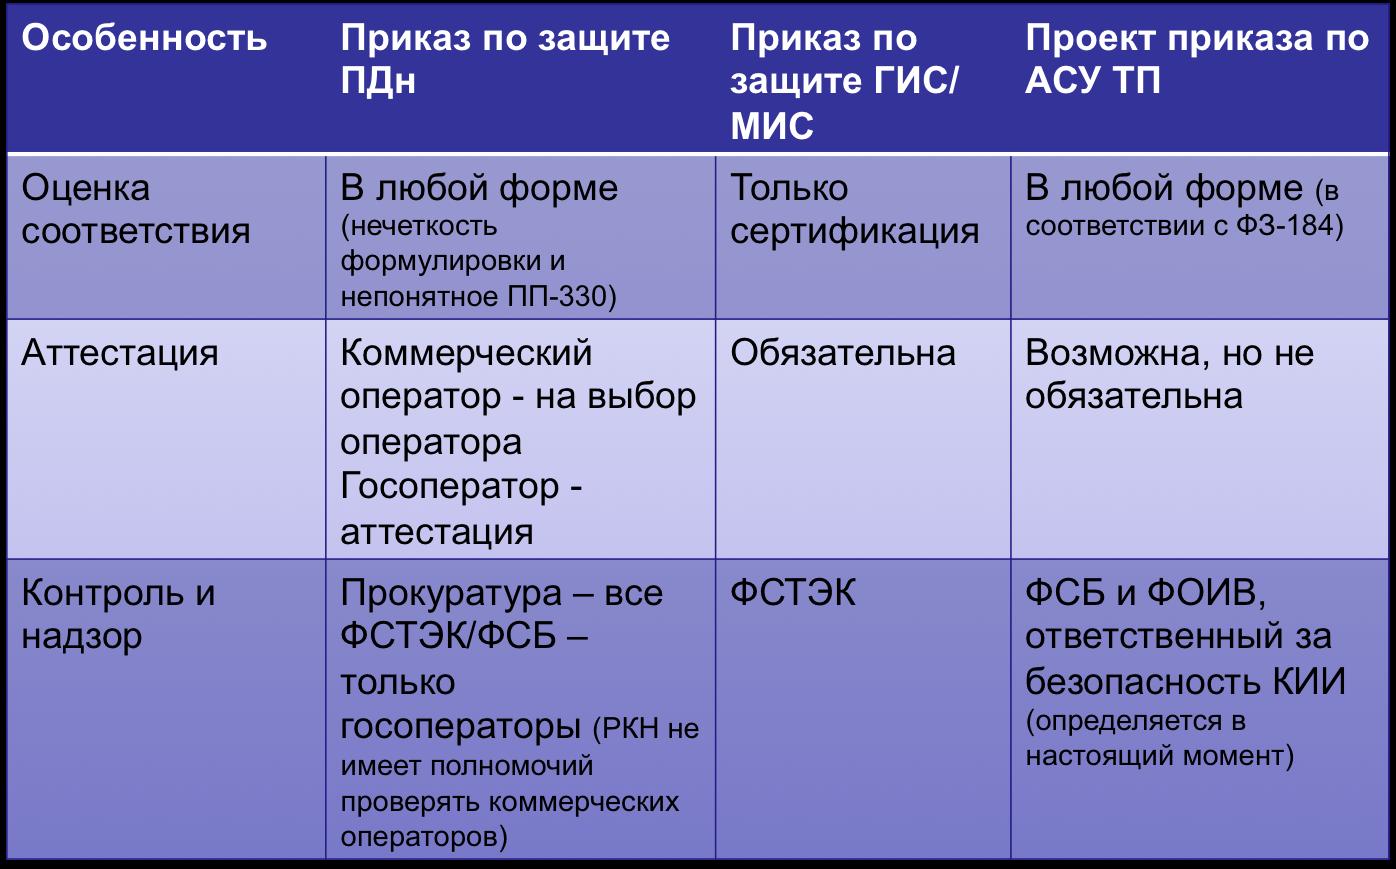 Обязательная сертификация объекты, системы, статус сертификация продукции и её цели